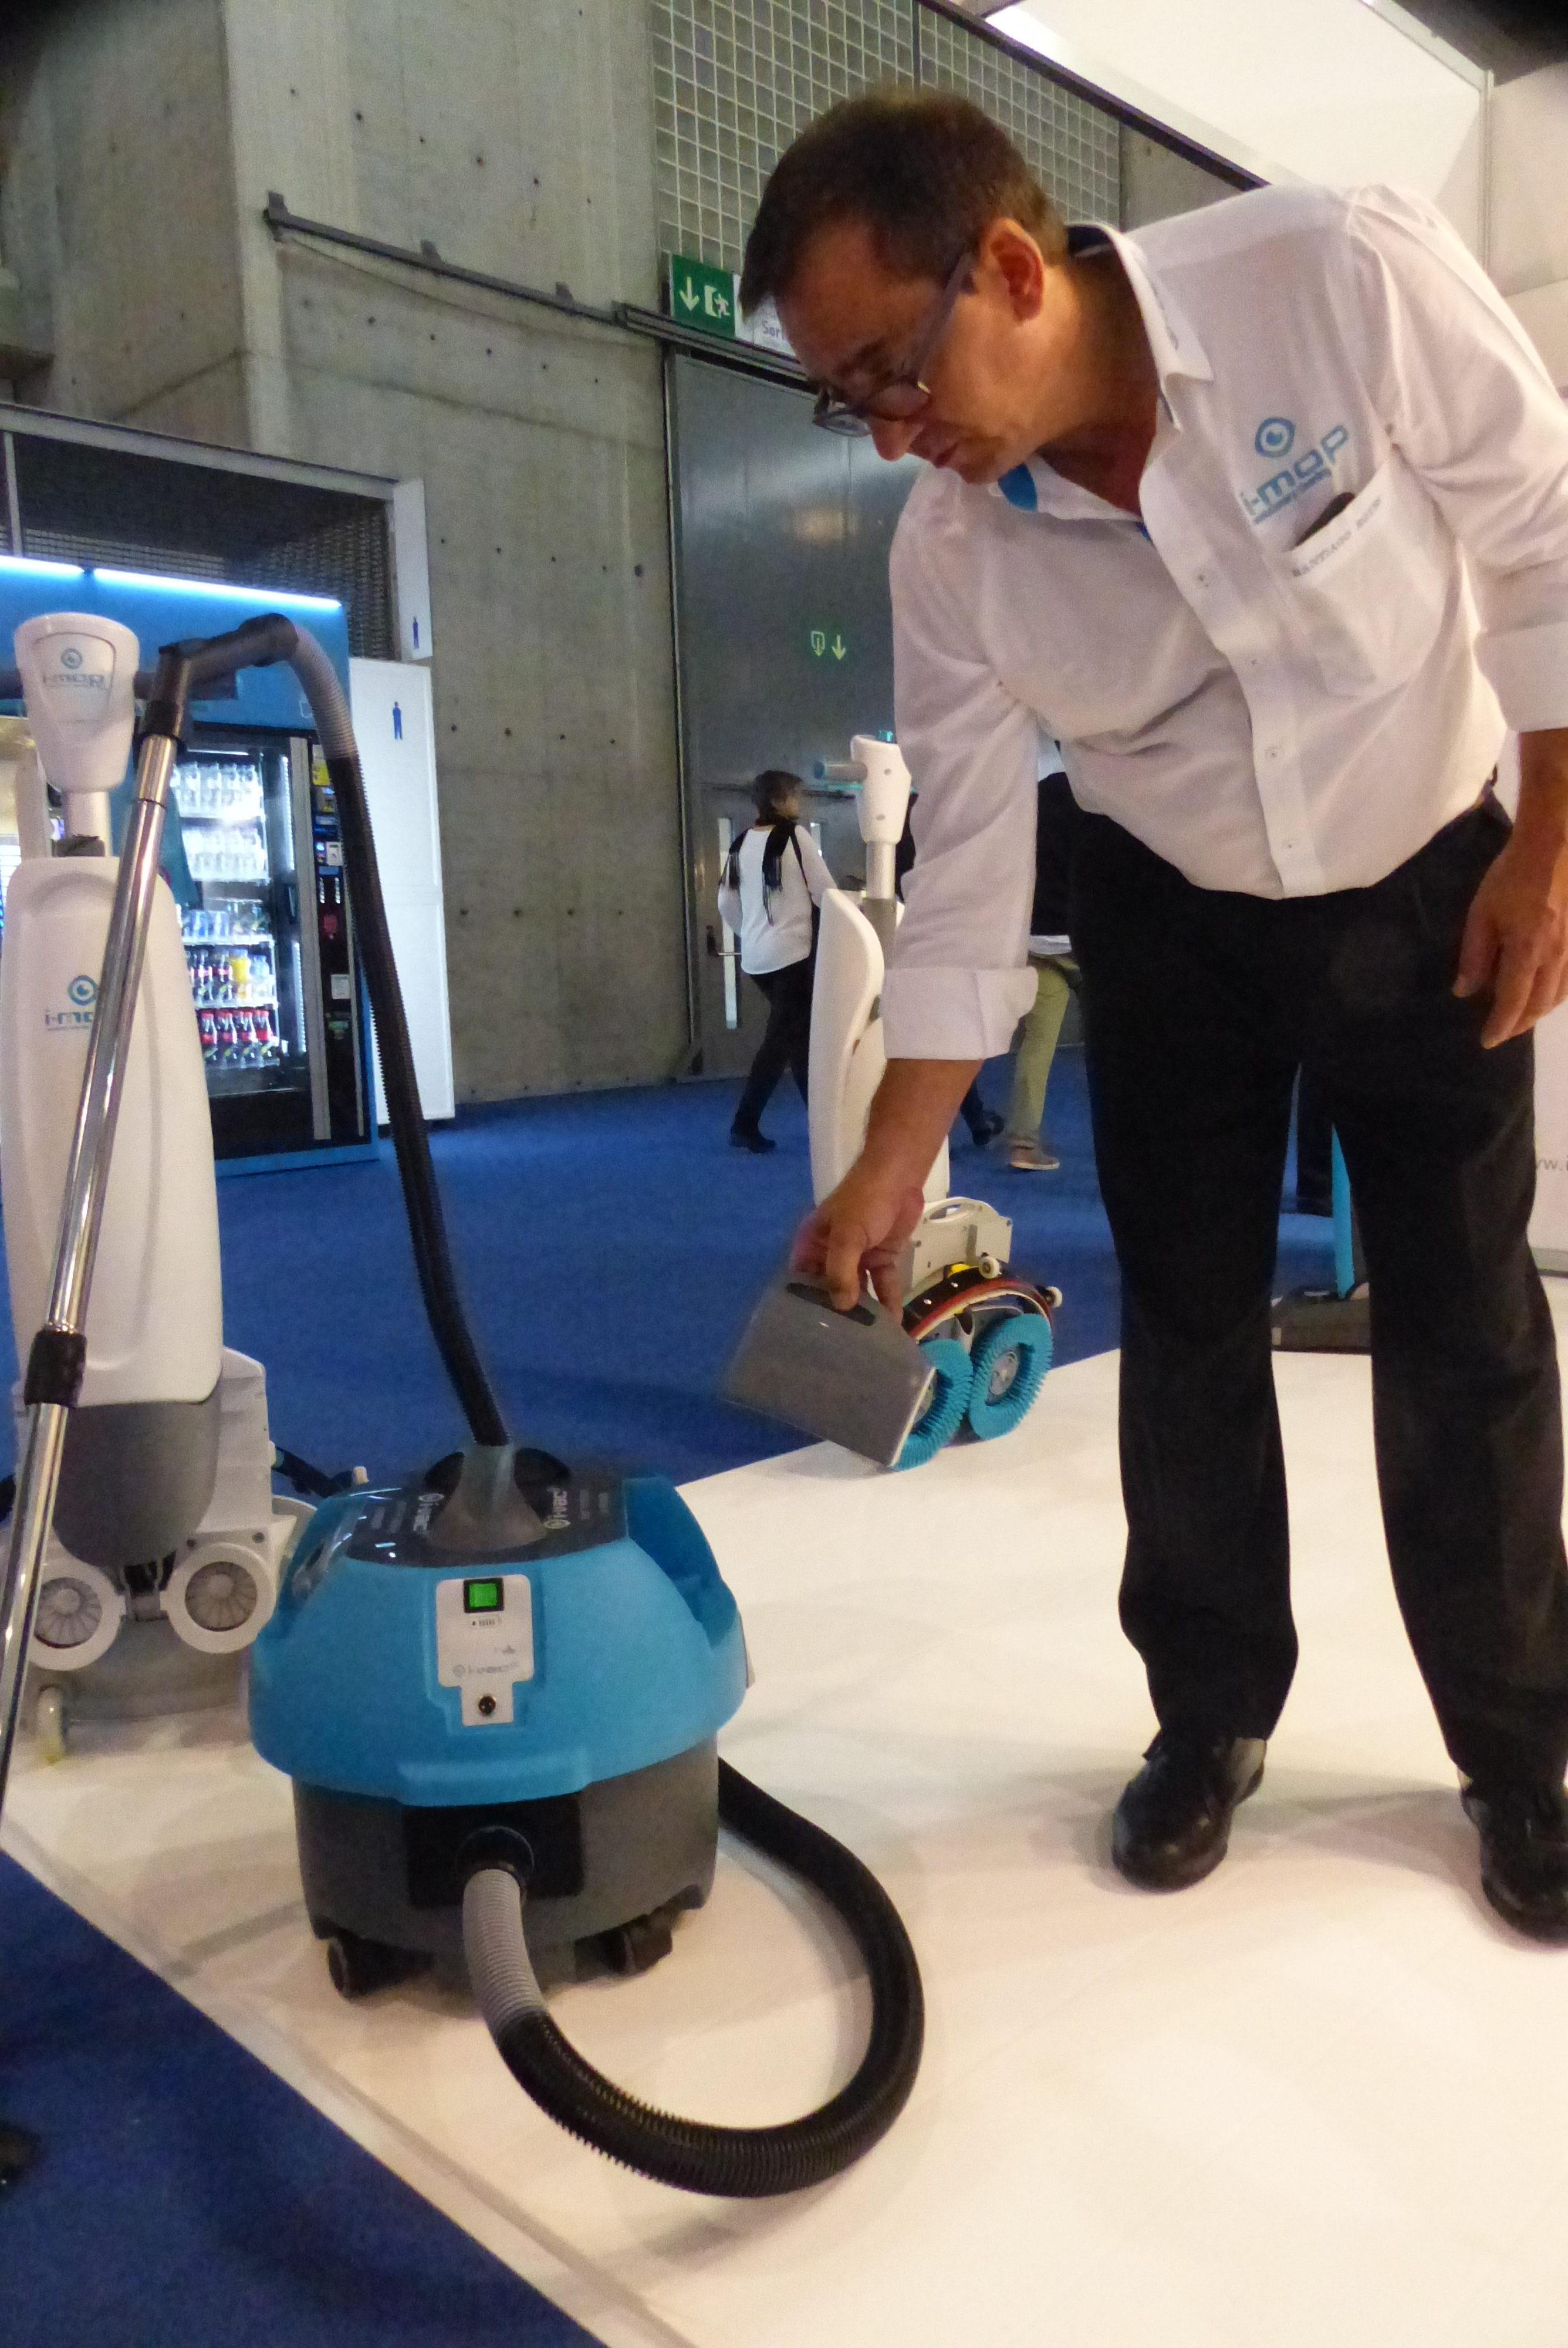 El aspirador sin cables I-vac utiliza la misma batería que la fregadora I-mop